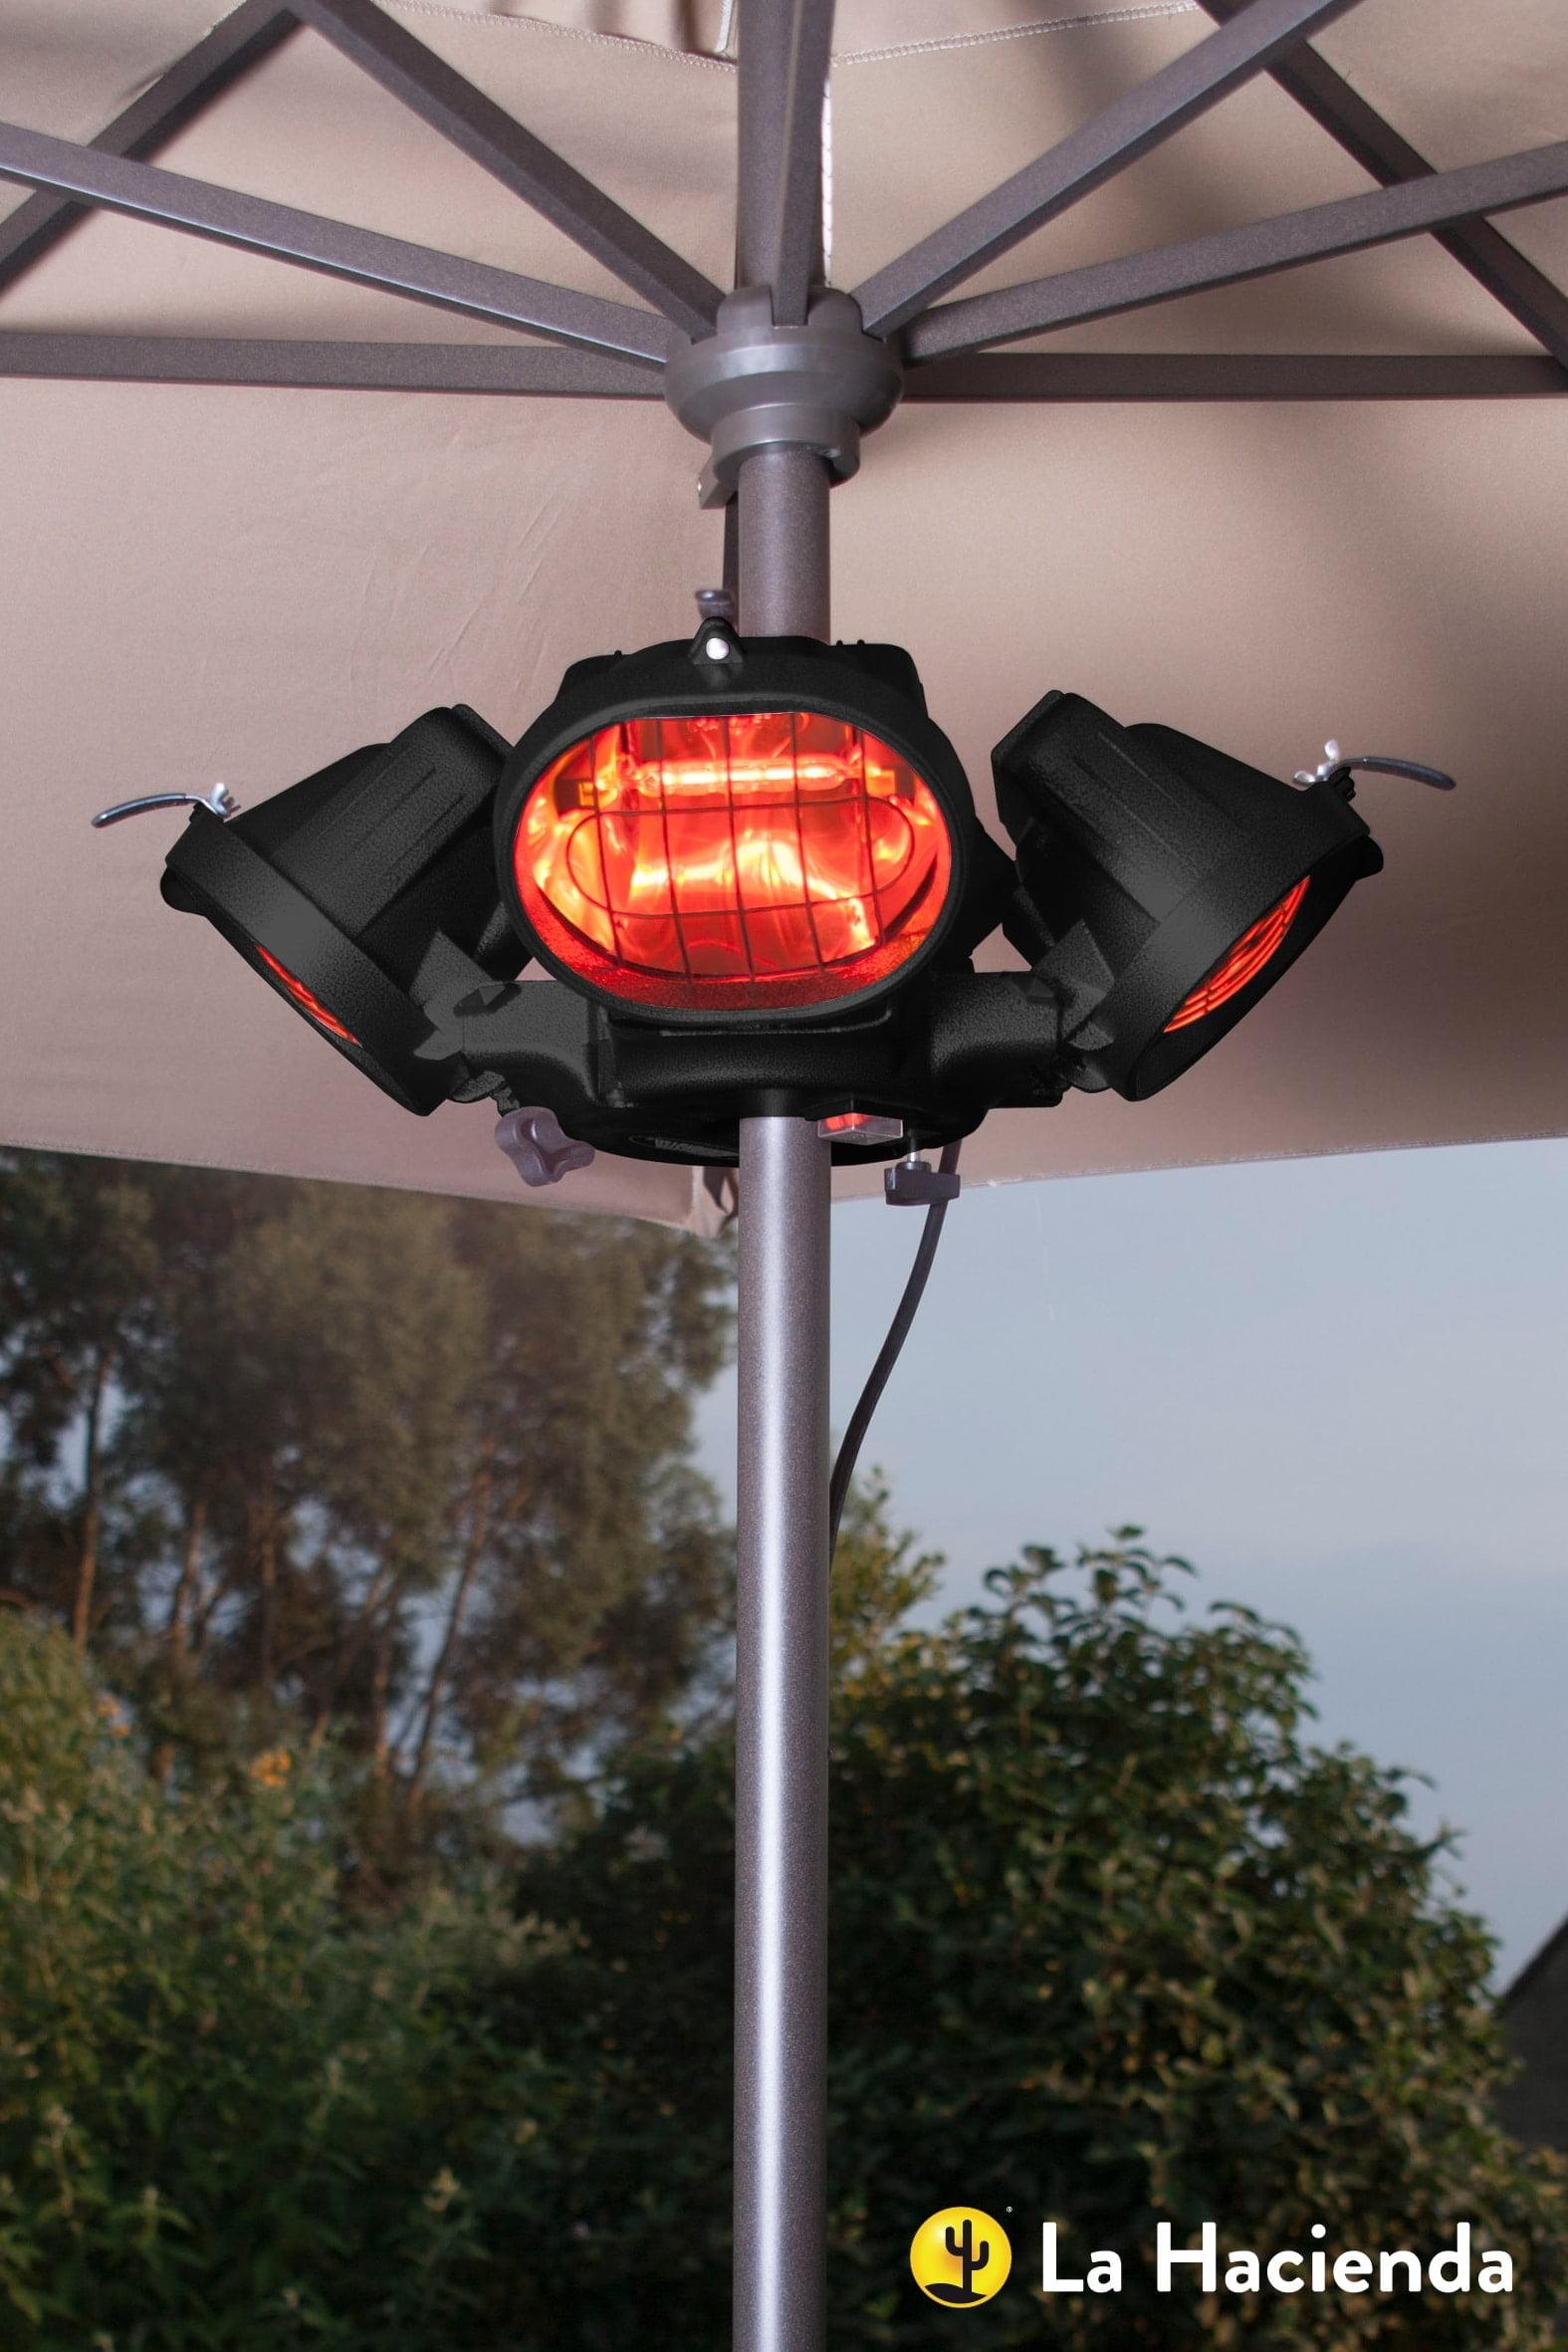 La Hacienda/Heatmaster parasol heater U3R20